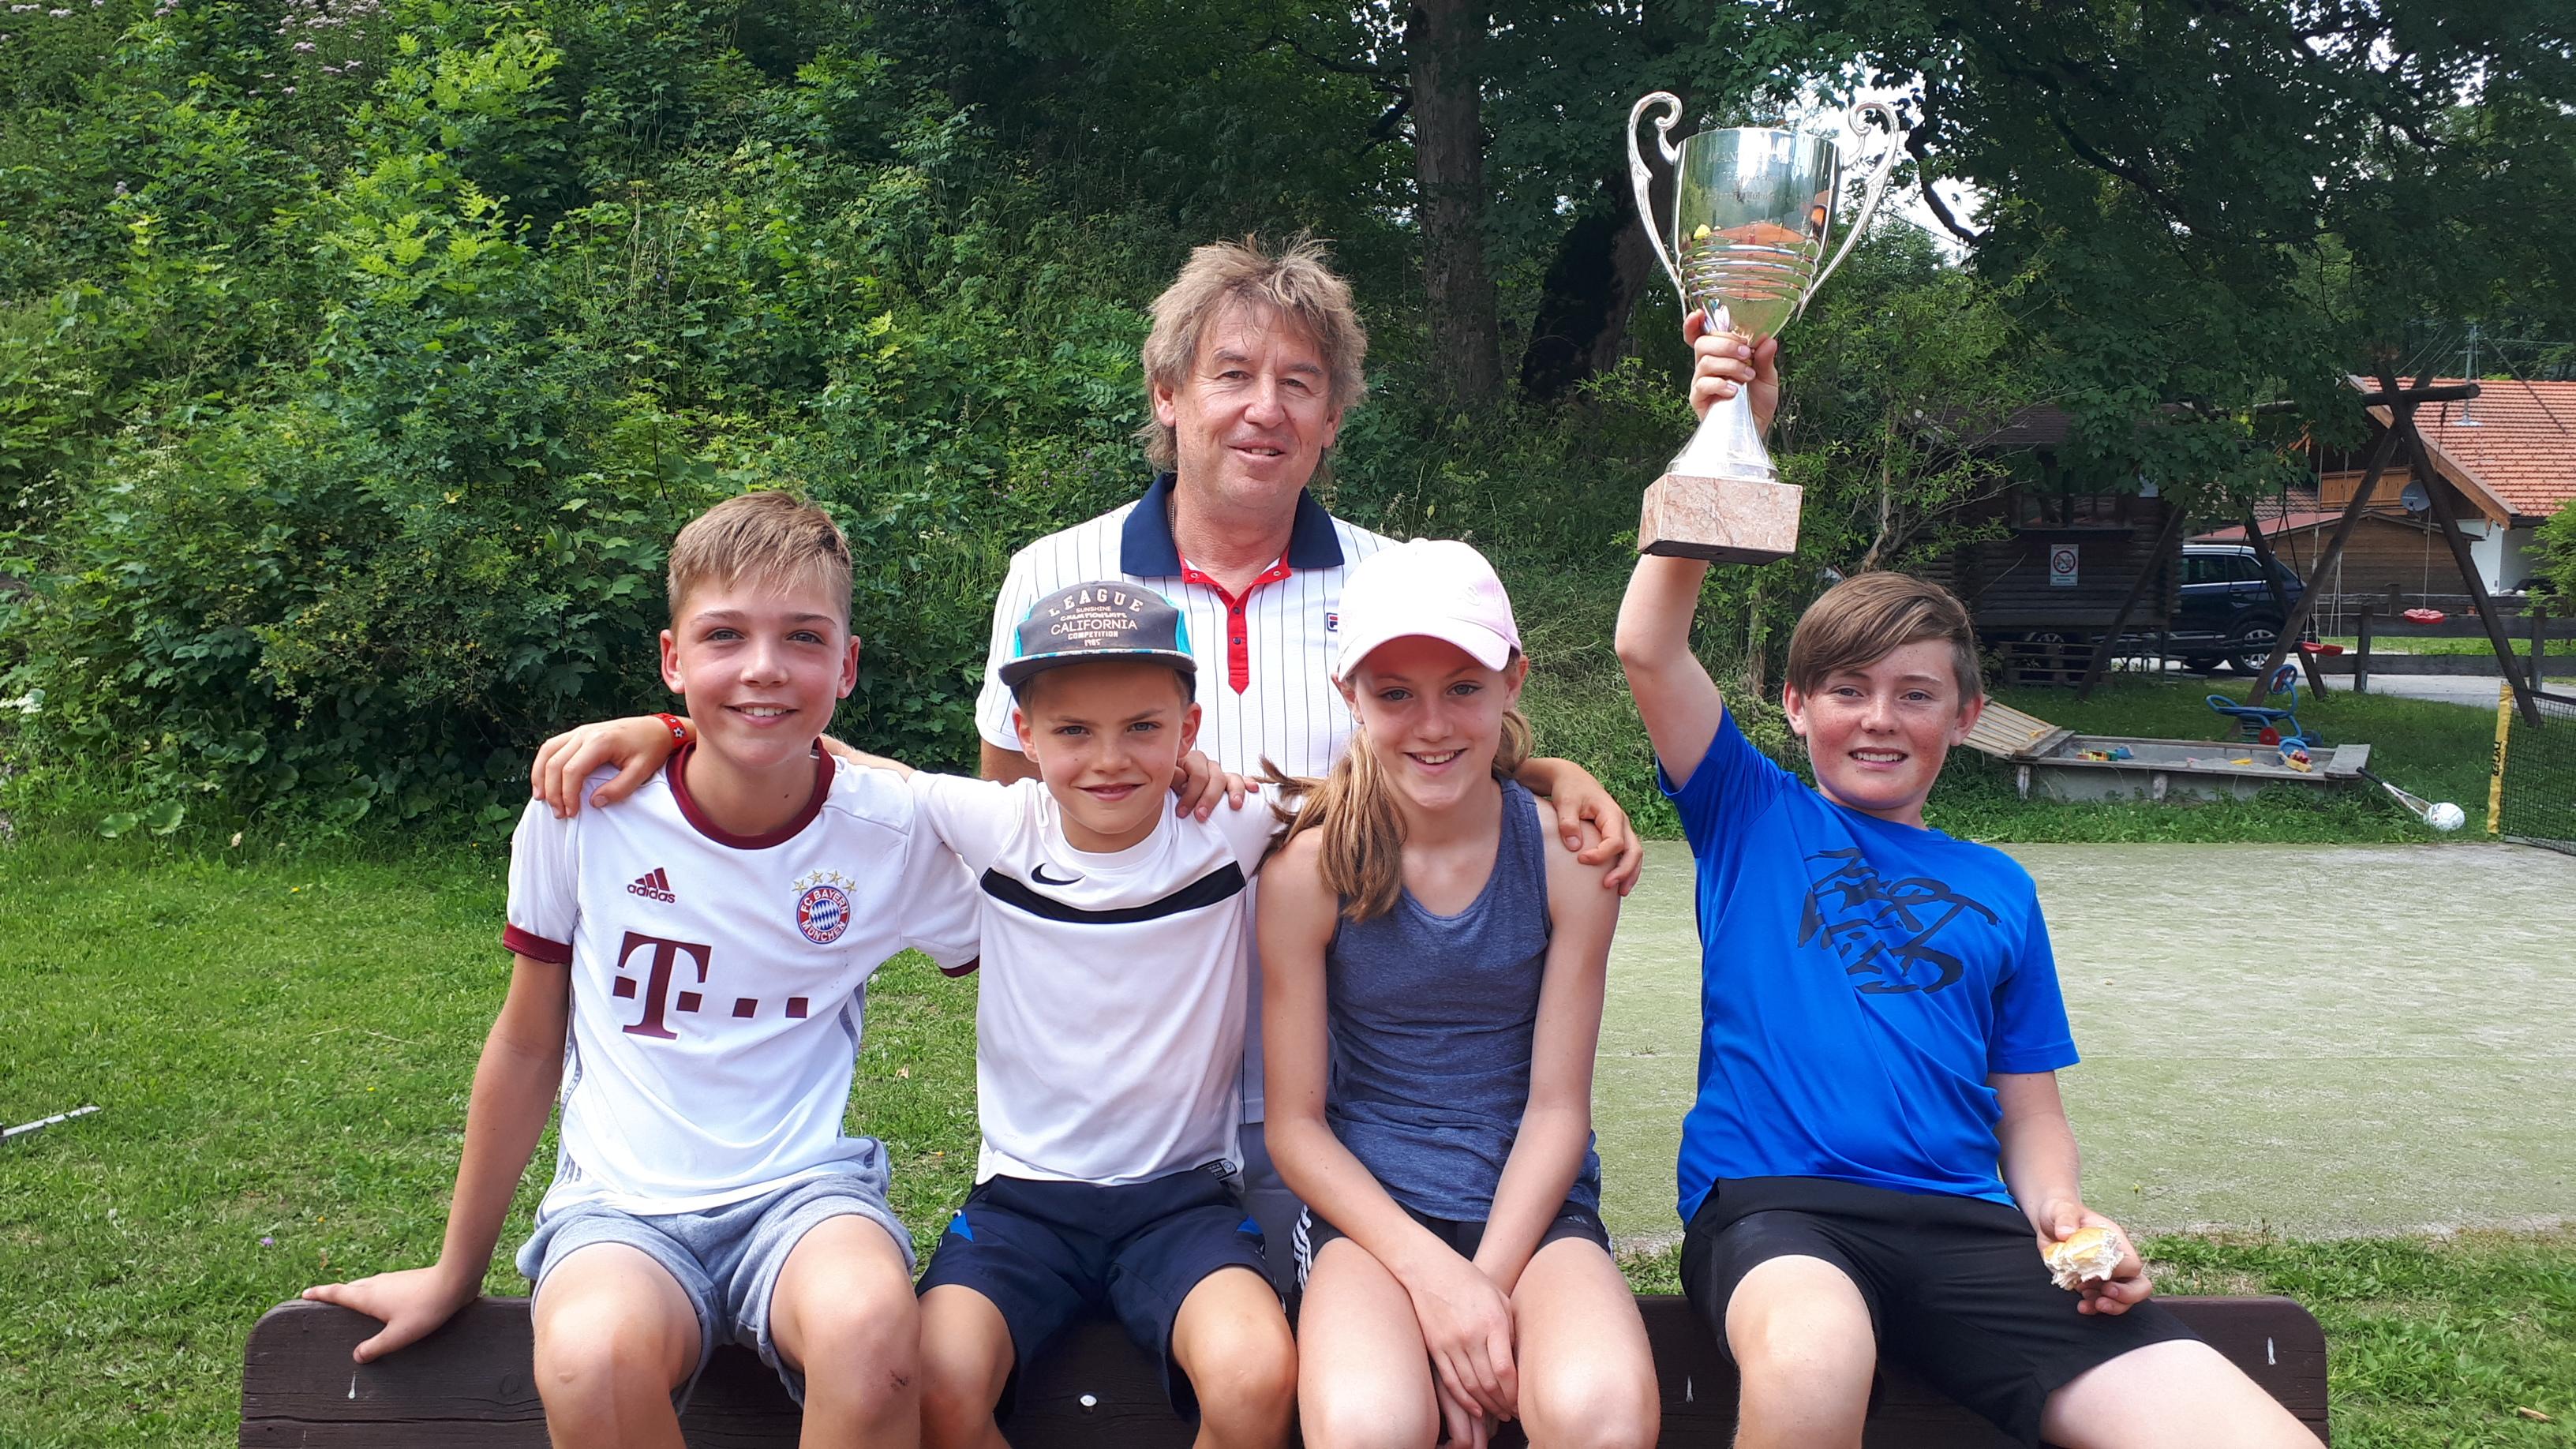 Einzelclubmeister 2019 sind Julia Hitzler und Andi Dorn und das 1. Mal haben wir auch einen Junior-Clubmeister: Valentin Müller!